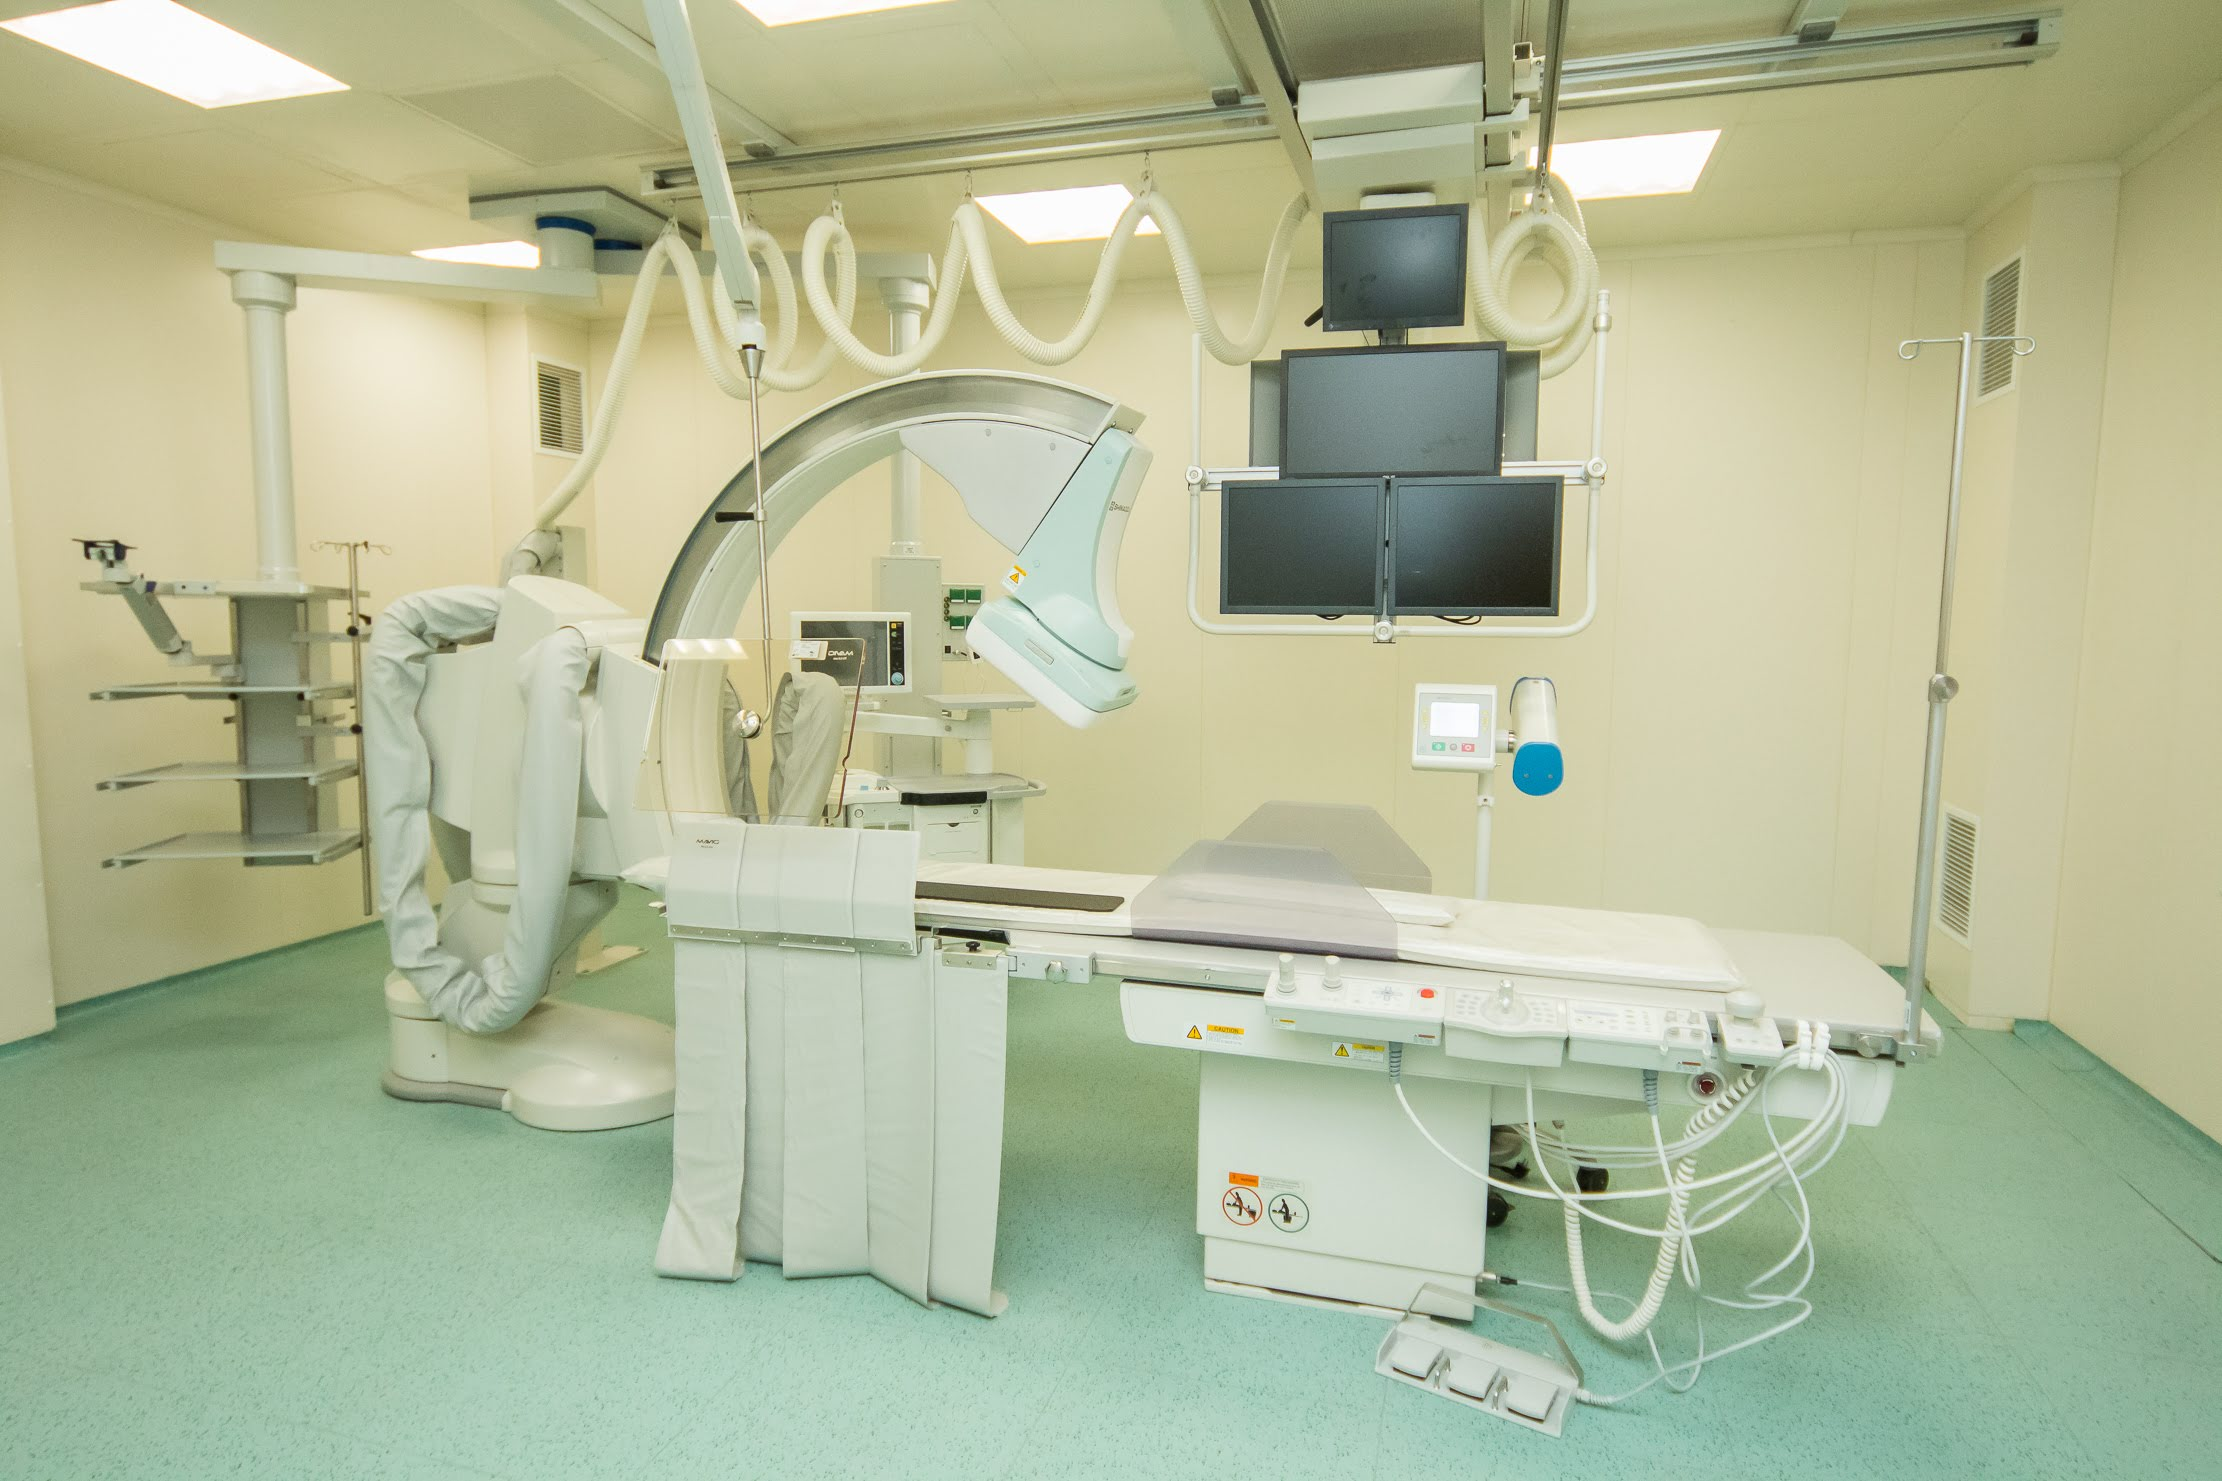 картинки медичного обладнання ургант нечасто делится